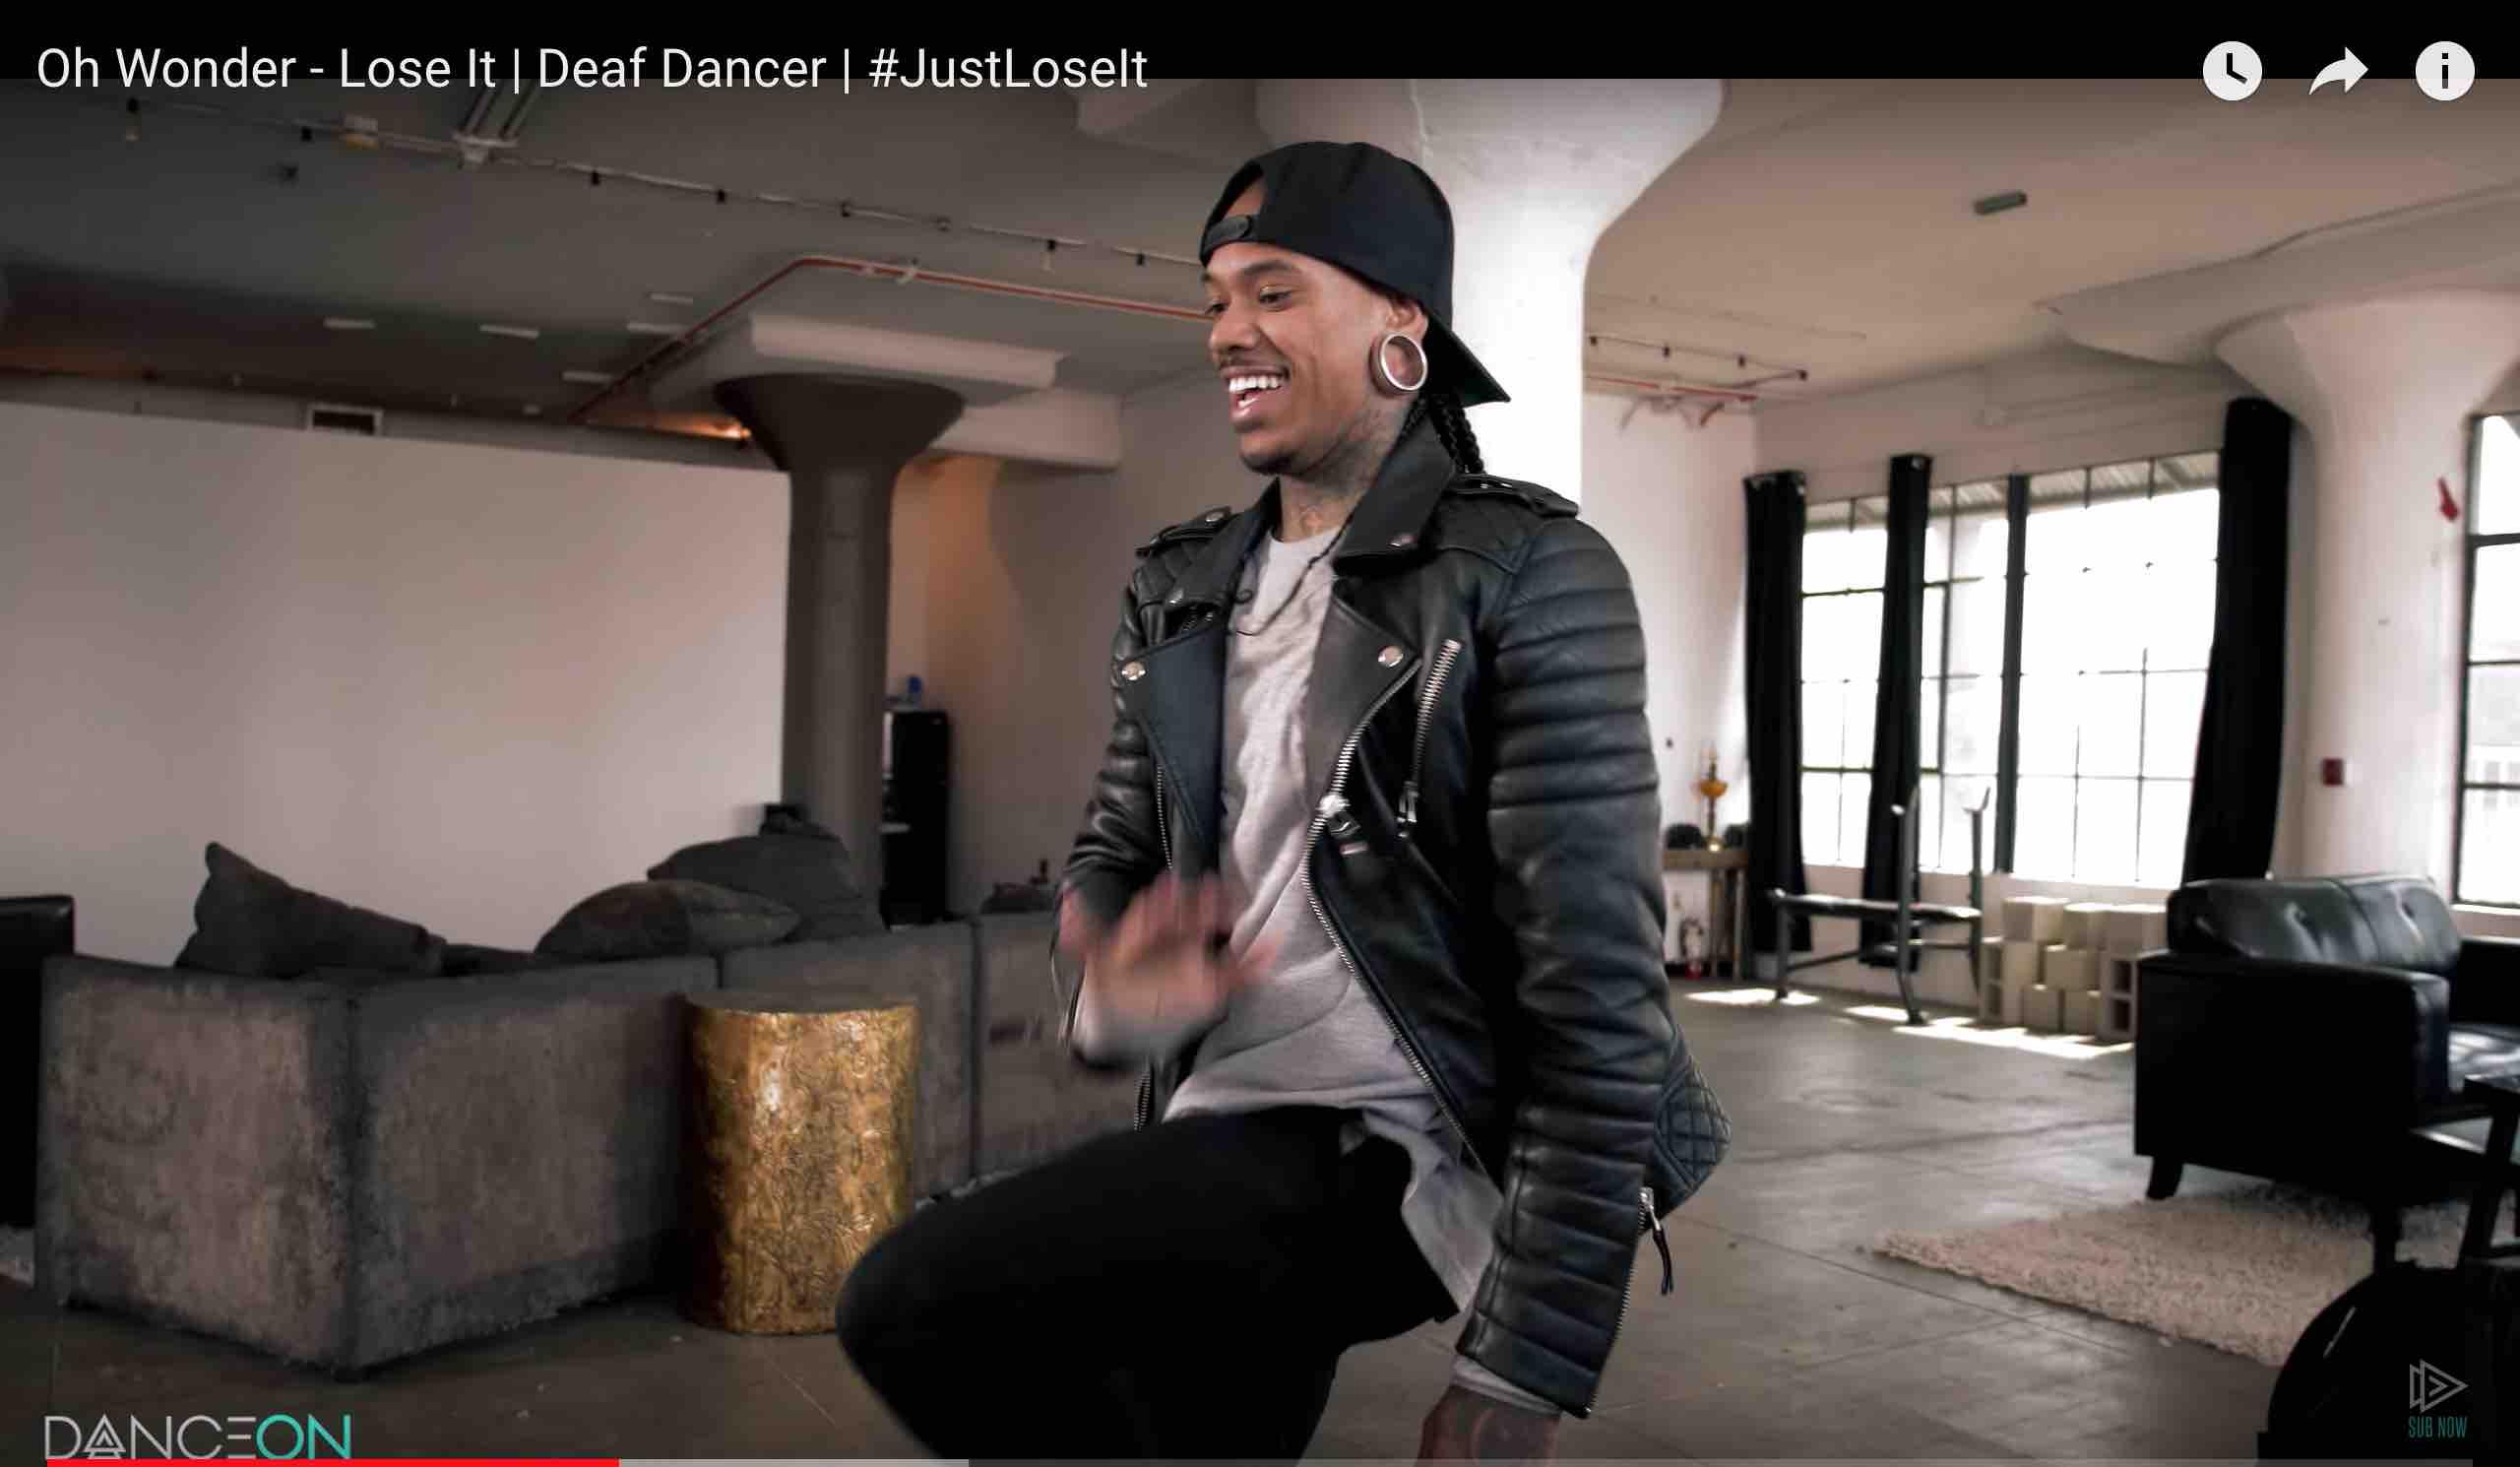 【紹介】米国ろう者のダンサー紹介!人気ダンスチャンネルDance Onがすごい